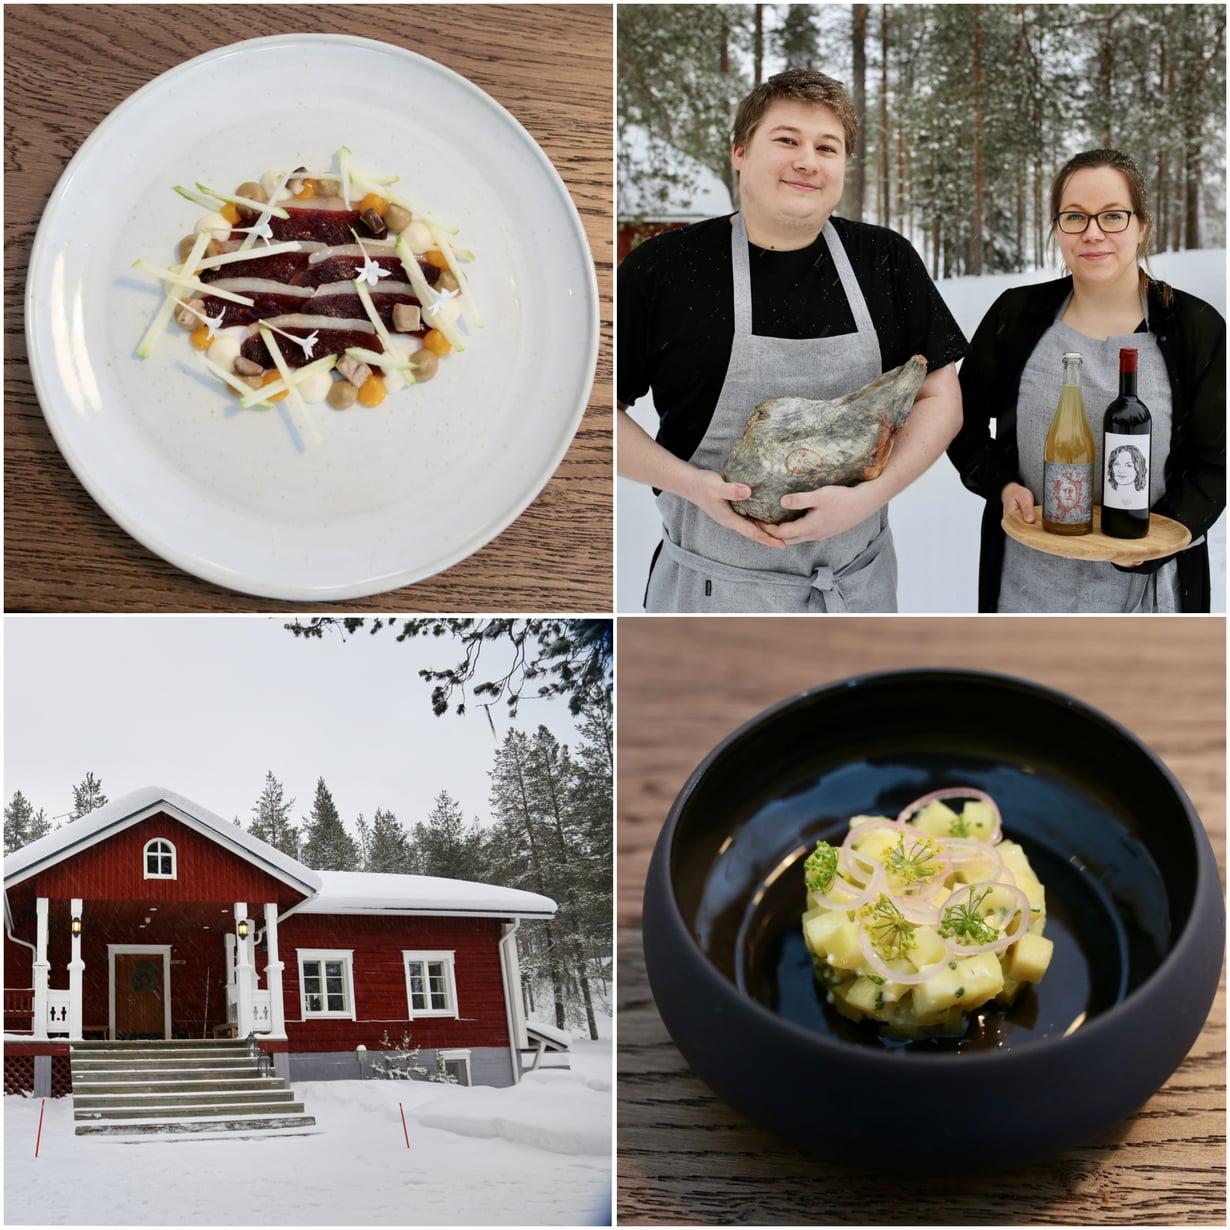 Ravintola Tapiota pyörittävät ravintoloitsijat Connor Laybourne ja Johanna Mourujärvi.